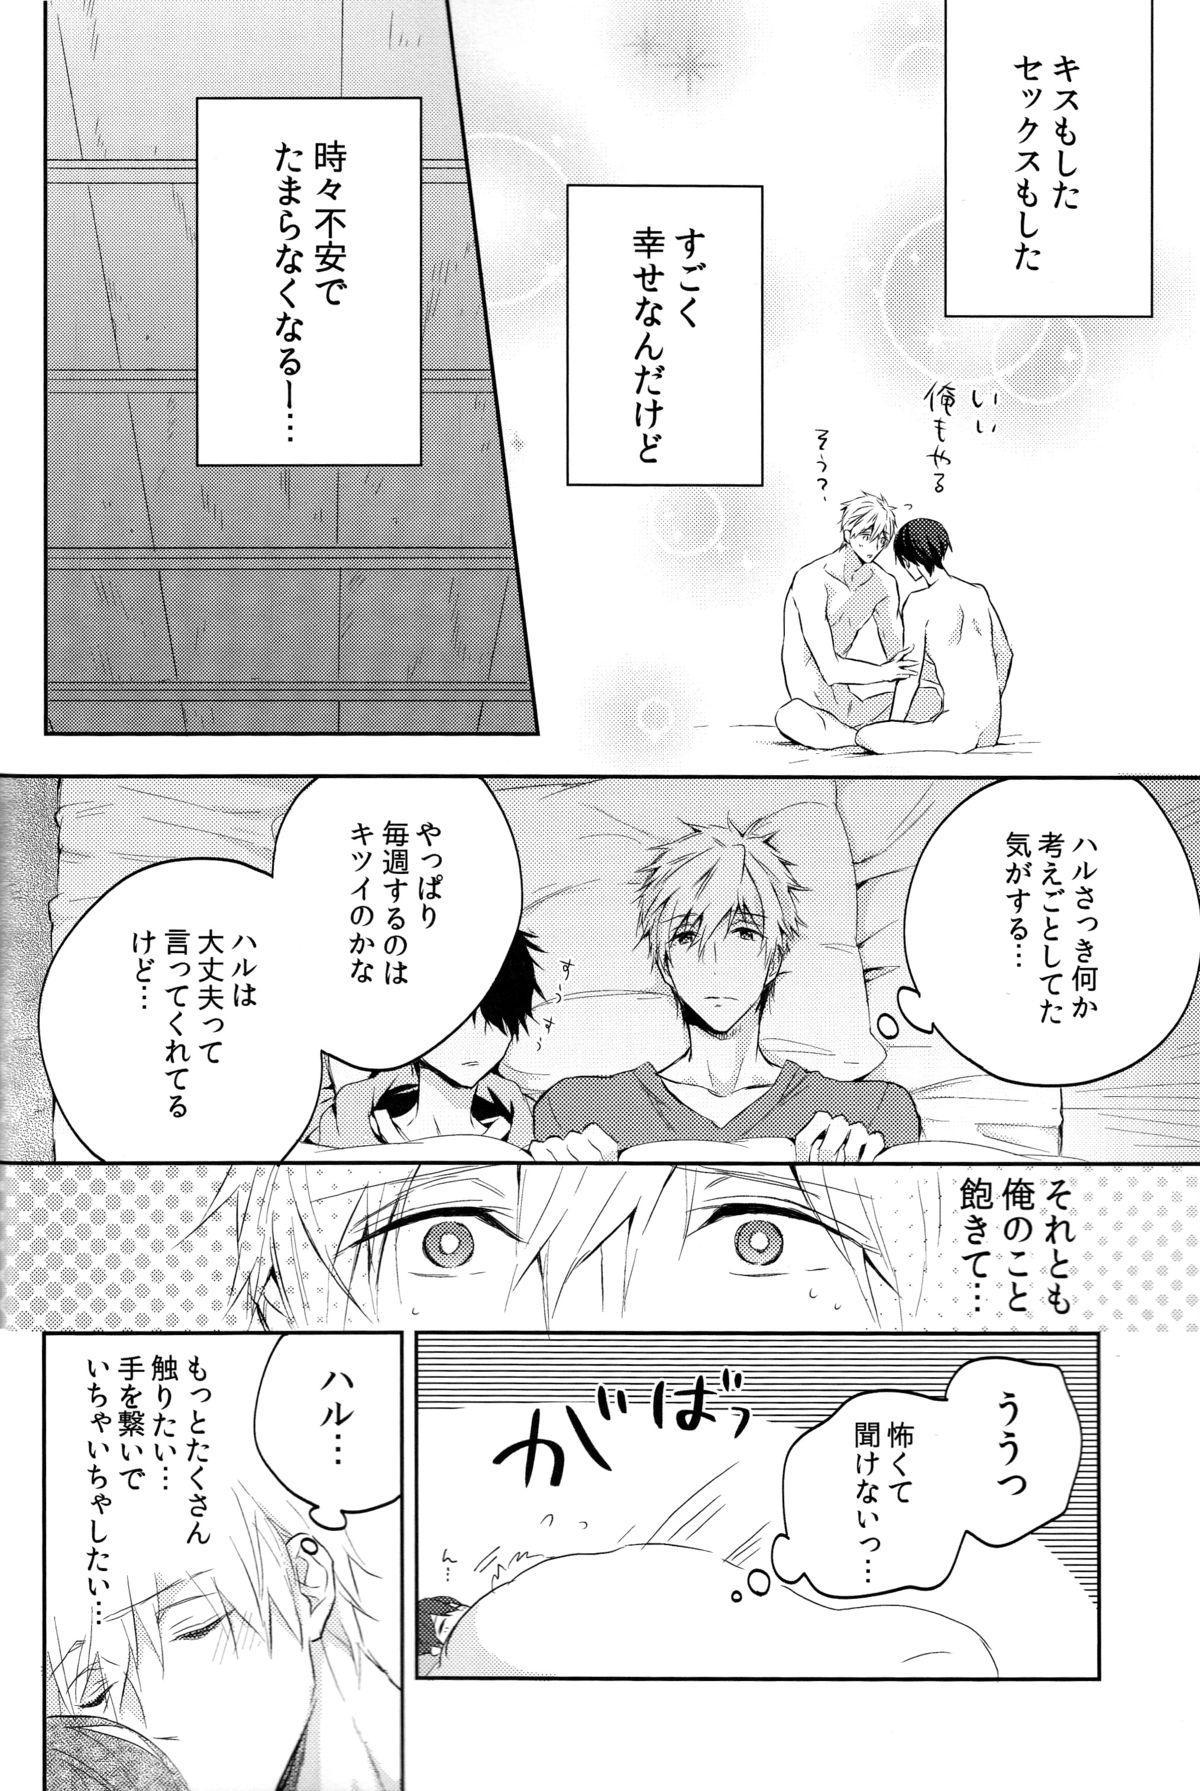 Futari no Makoto 6